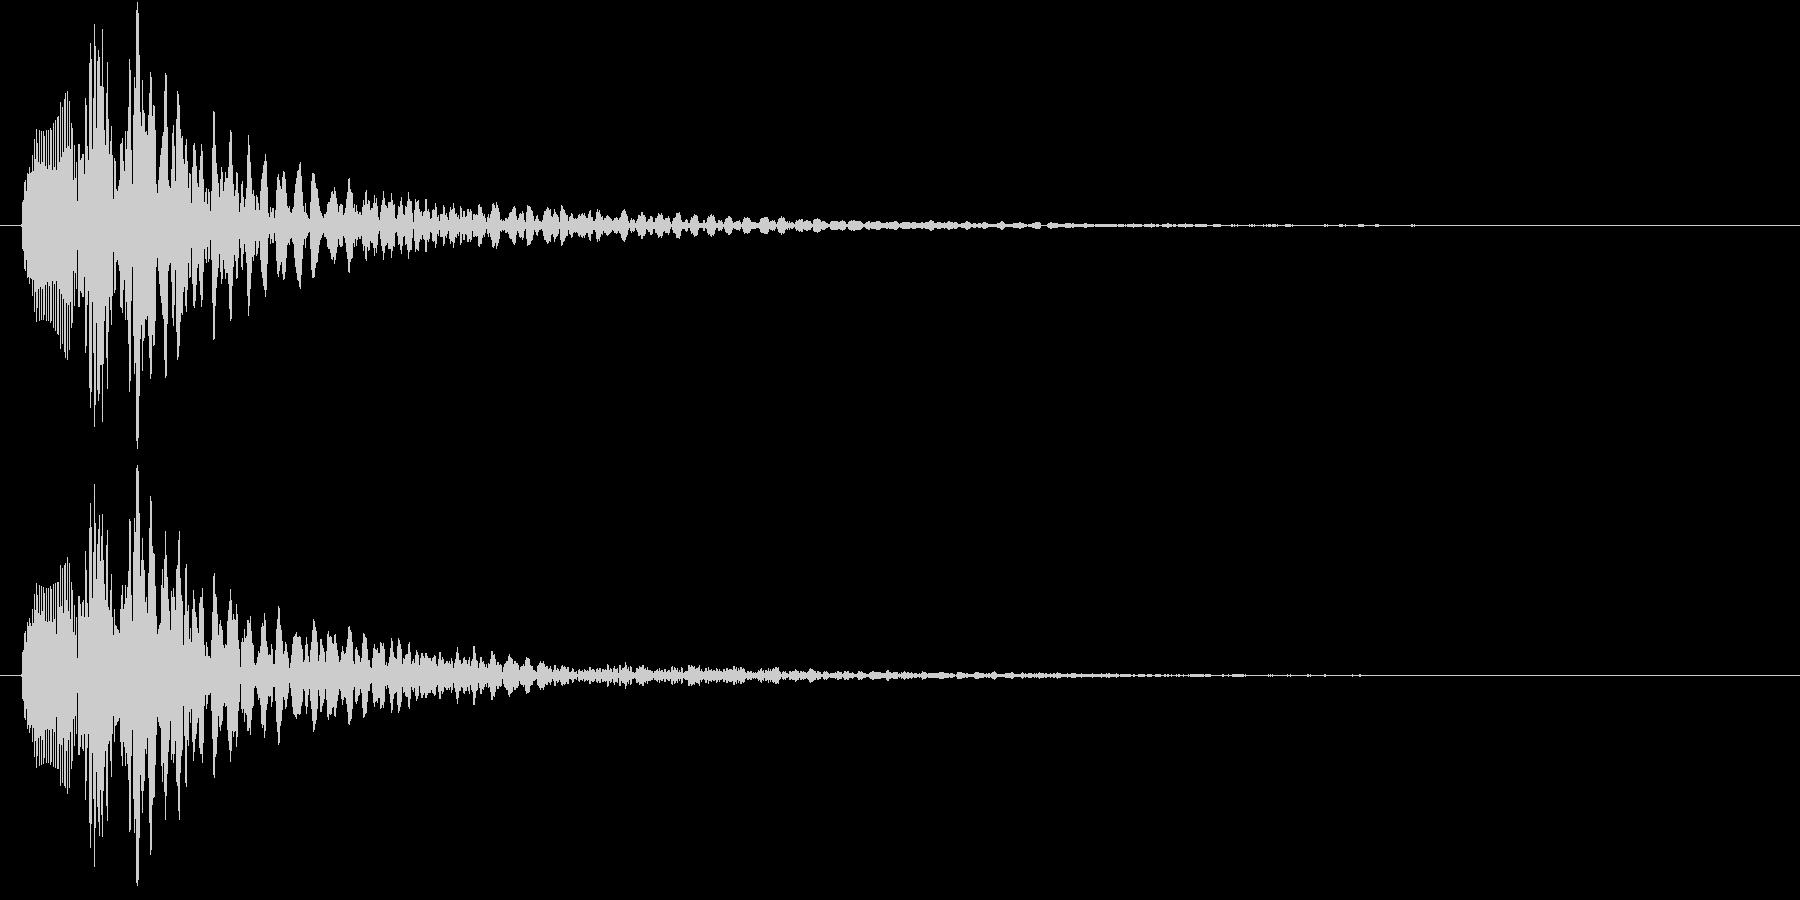 明るめのマリンバのアルペッジオの未再生の波形